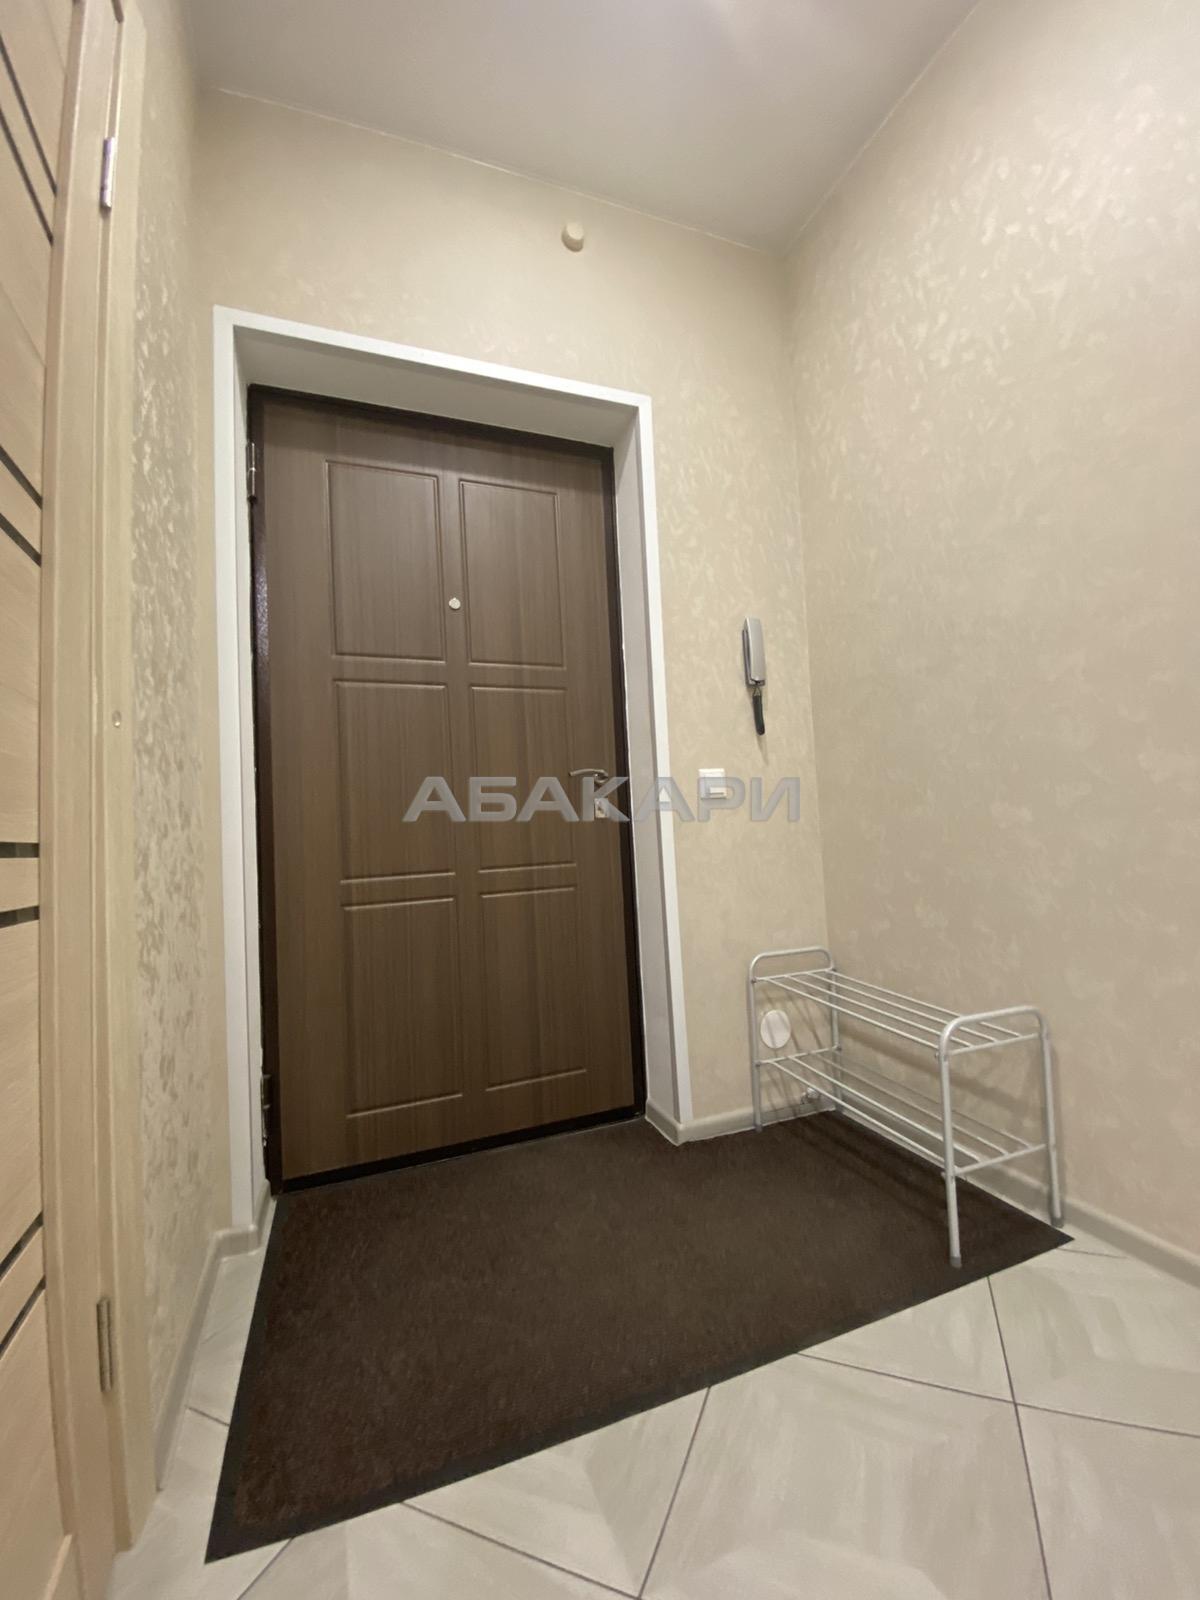 1к квартира Комсомольский проспект, 20   19000   аренда в Красноярске фото 6